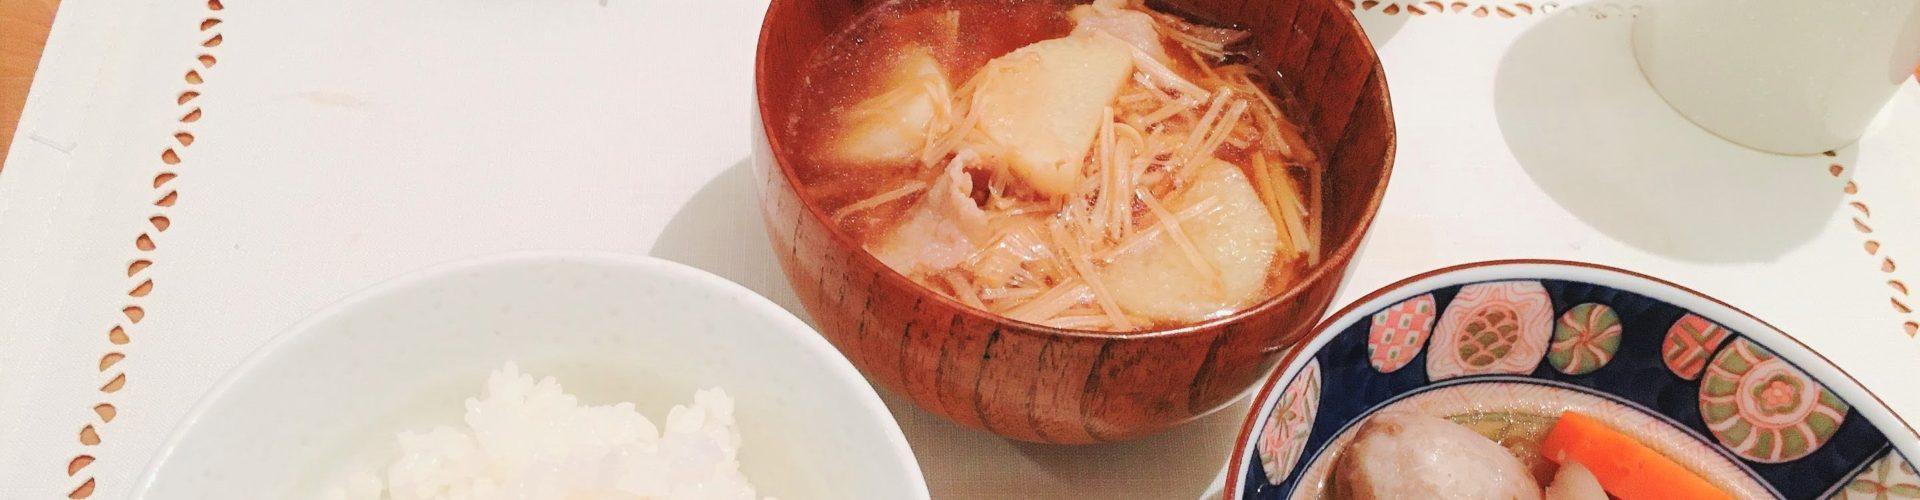 料理「里芋の煮物&山芋とえのきの汁物」